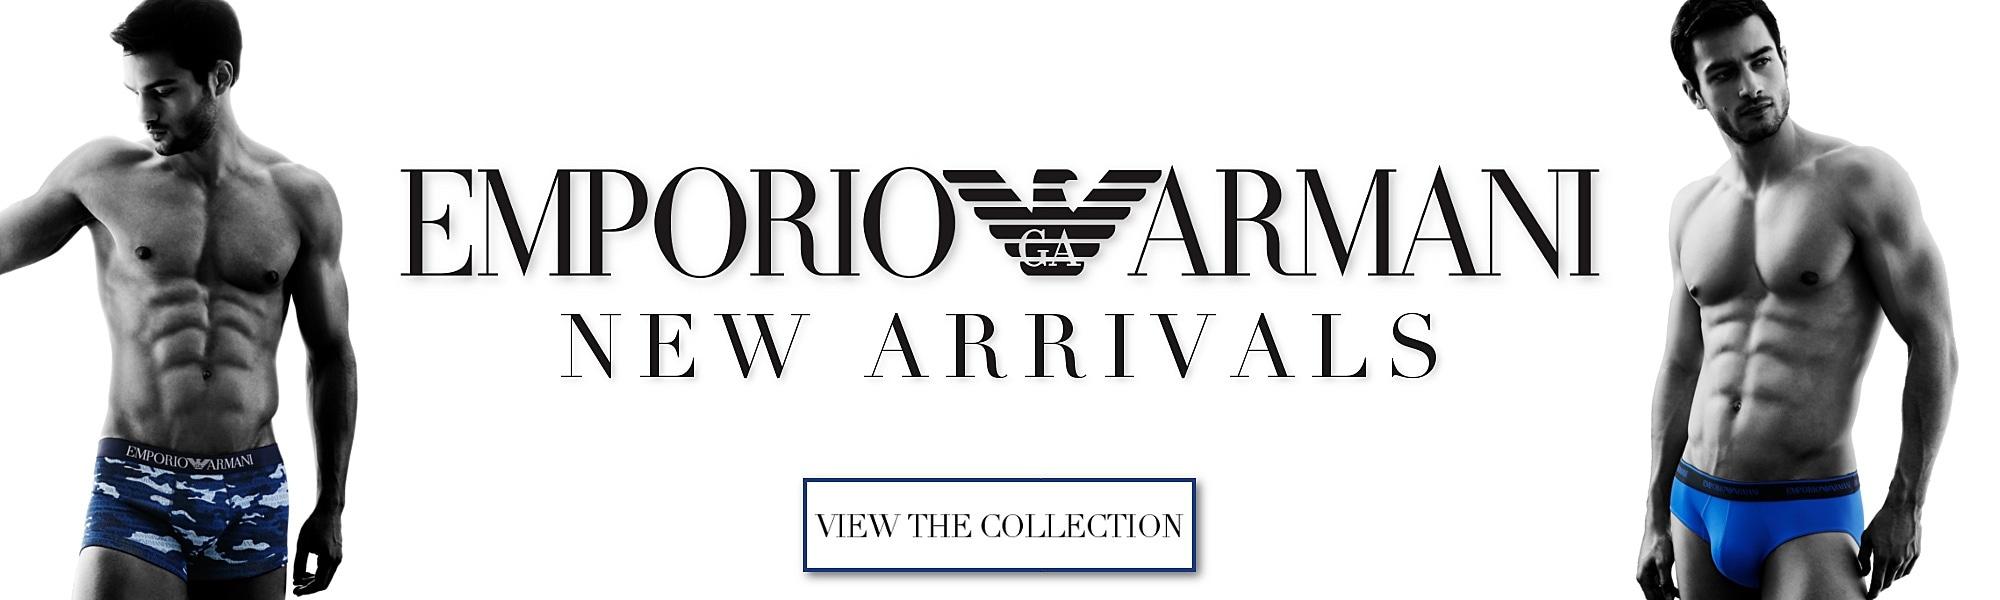 Emporio Armani New Arrivals